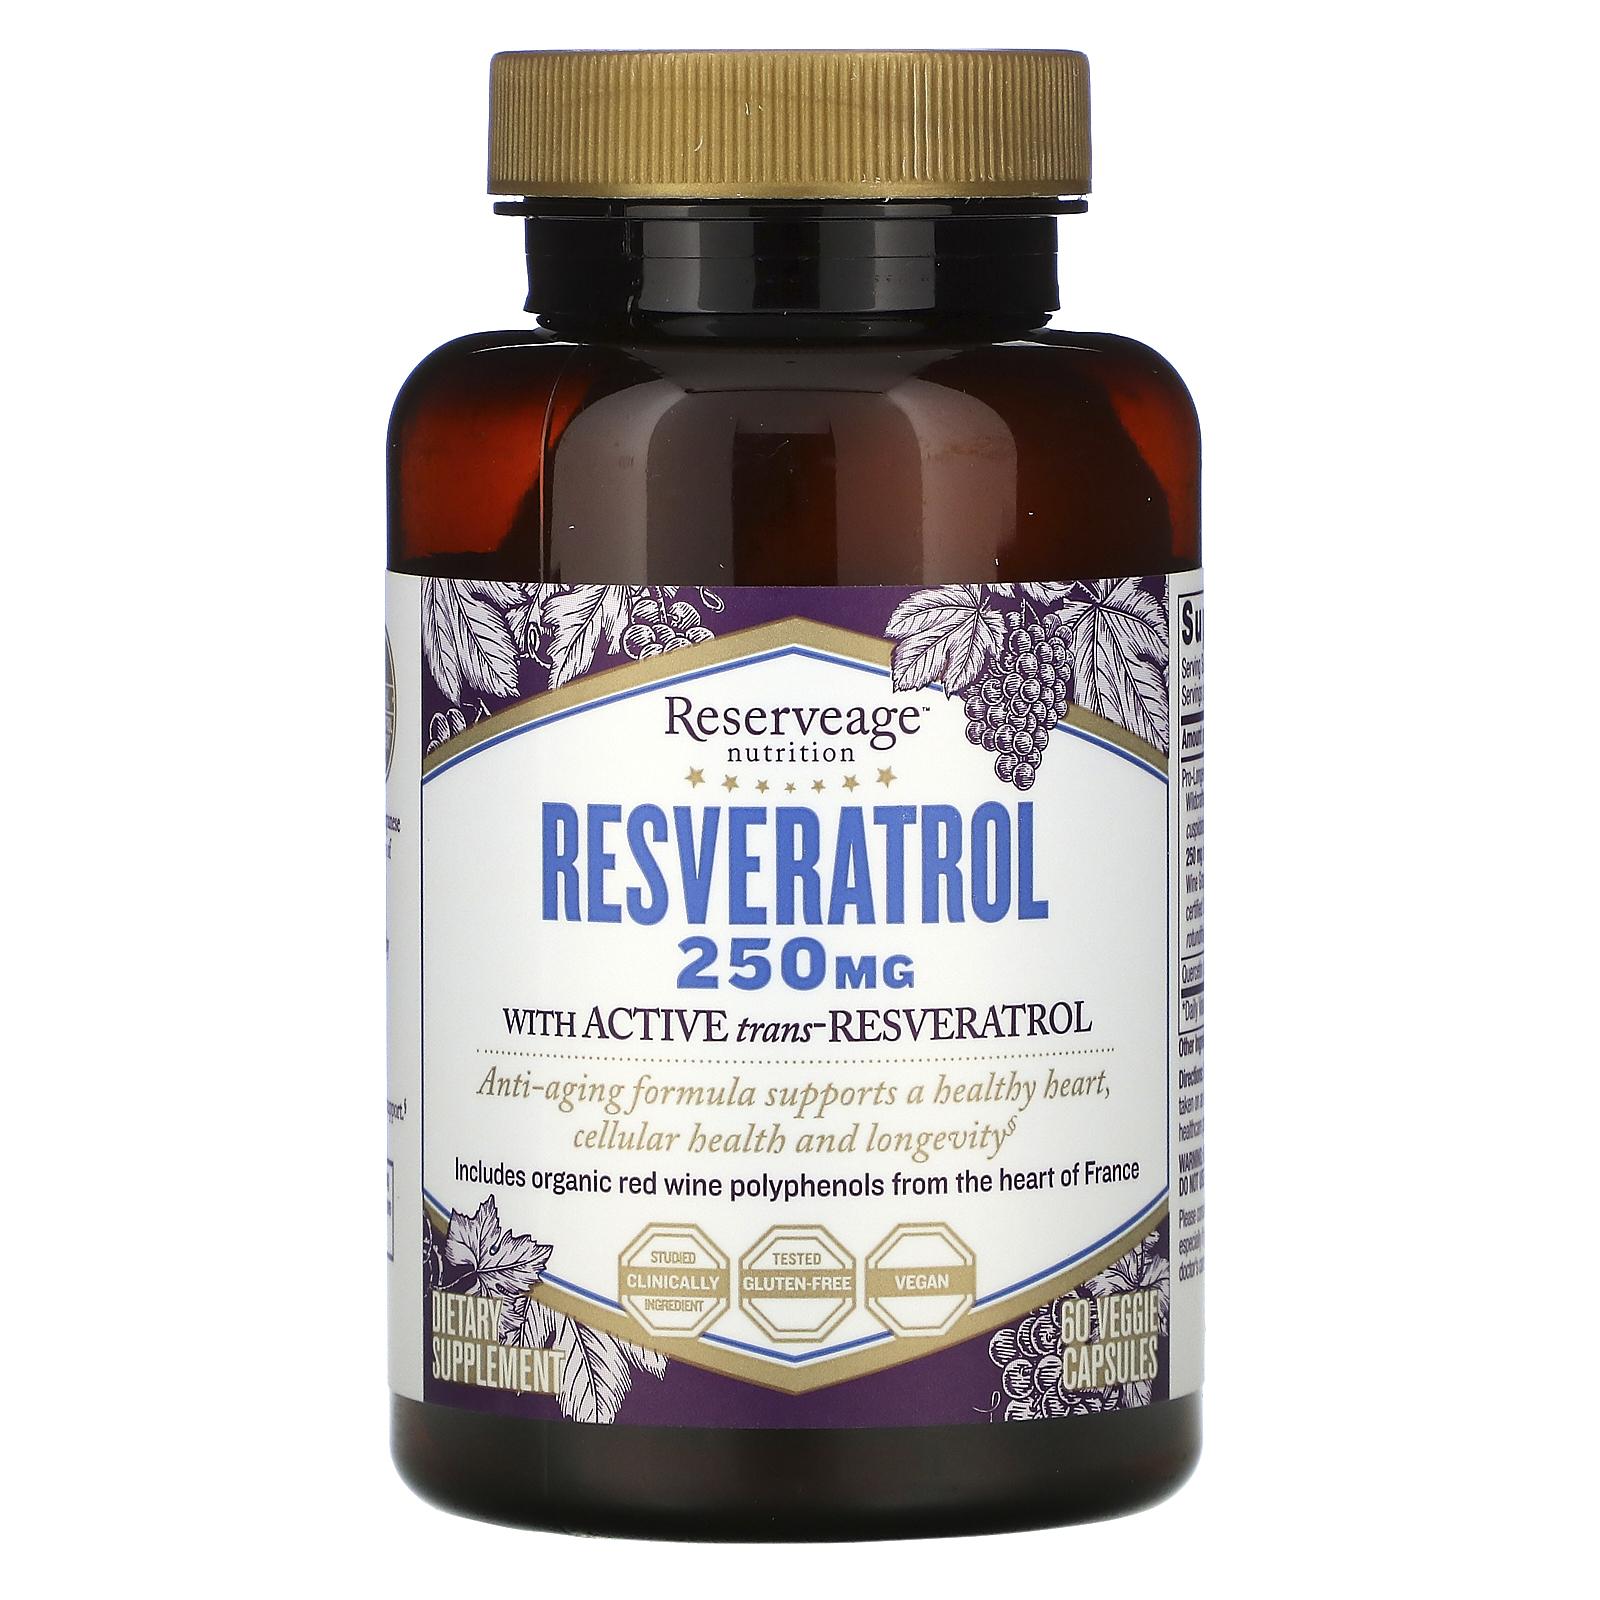 ReserveAge Nutrition, Resveratrol, действующая на клеточном уровне формула против старения, 250 мг, 60 растительных капсул